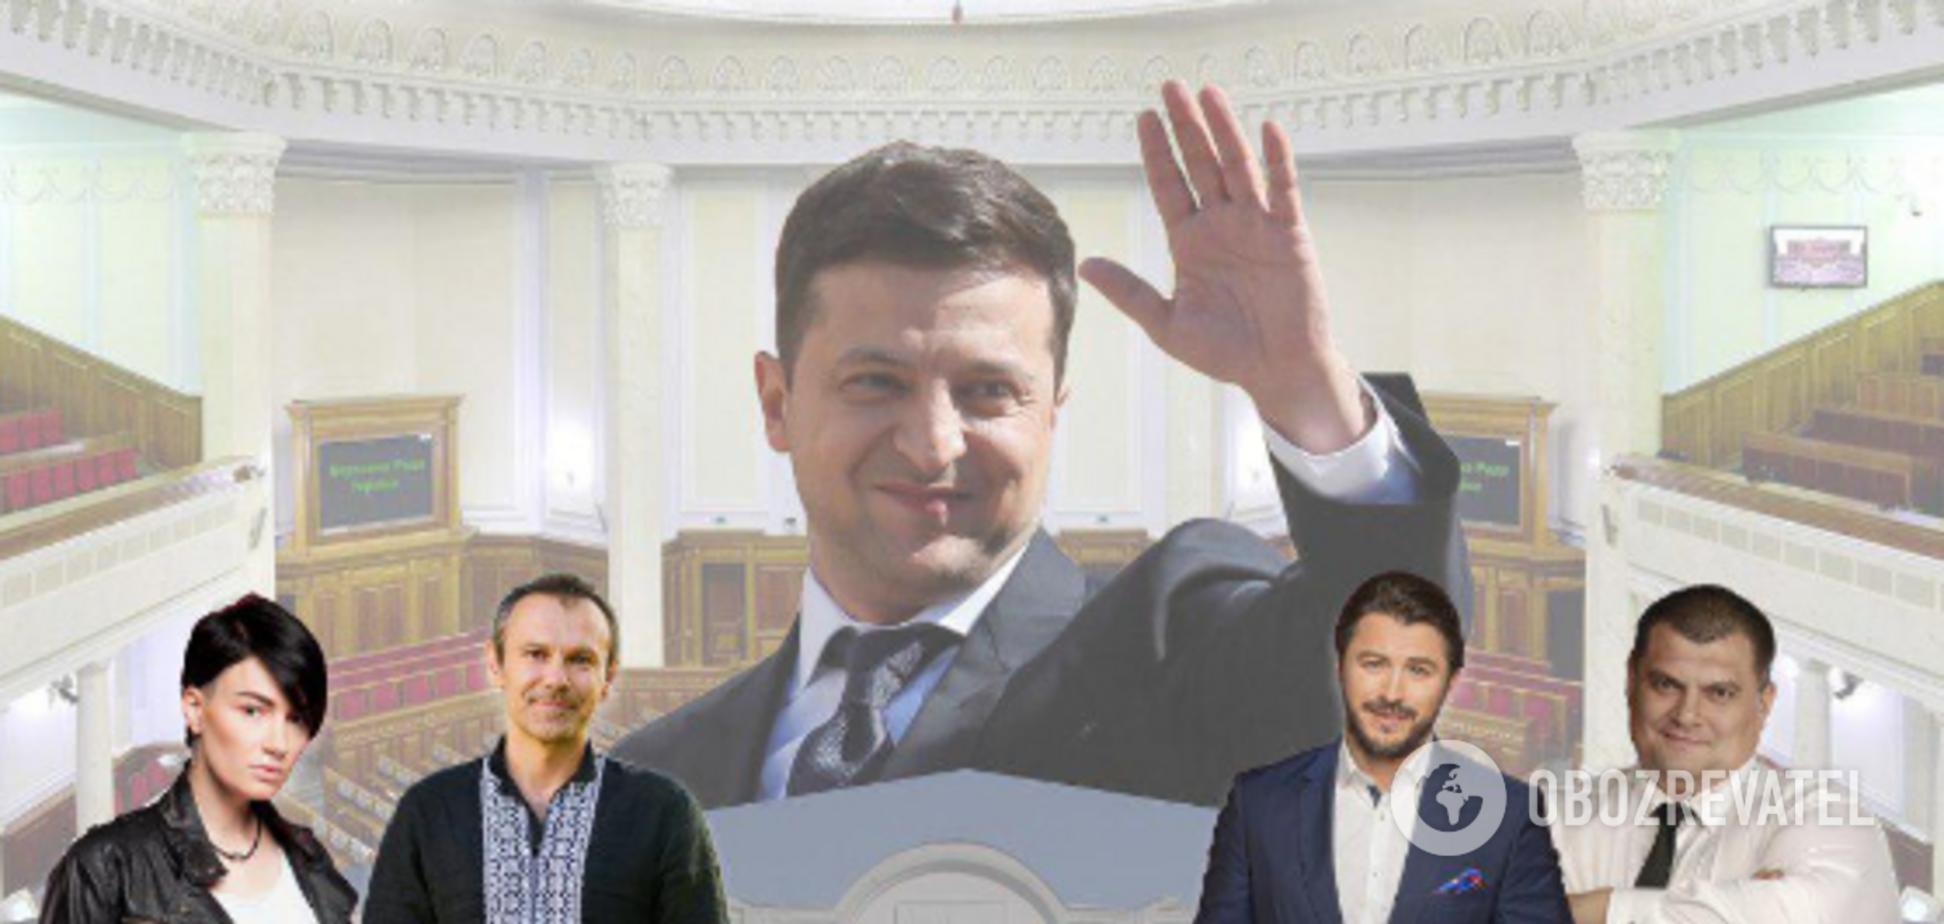 Українські зірки балотуються до Верховної Ради